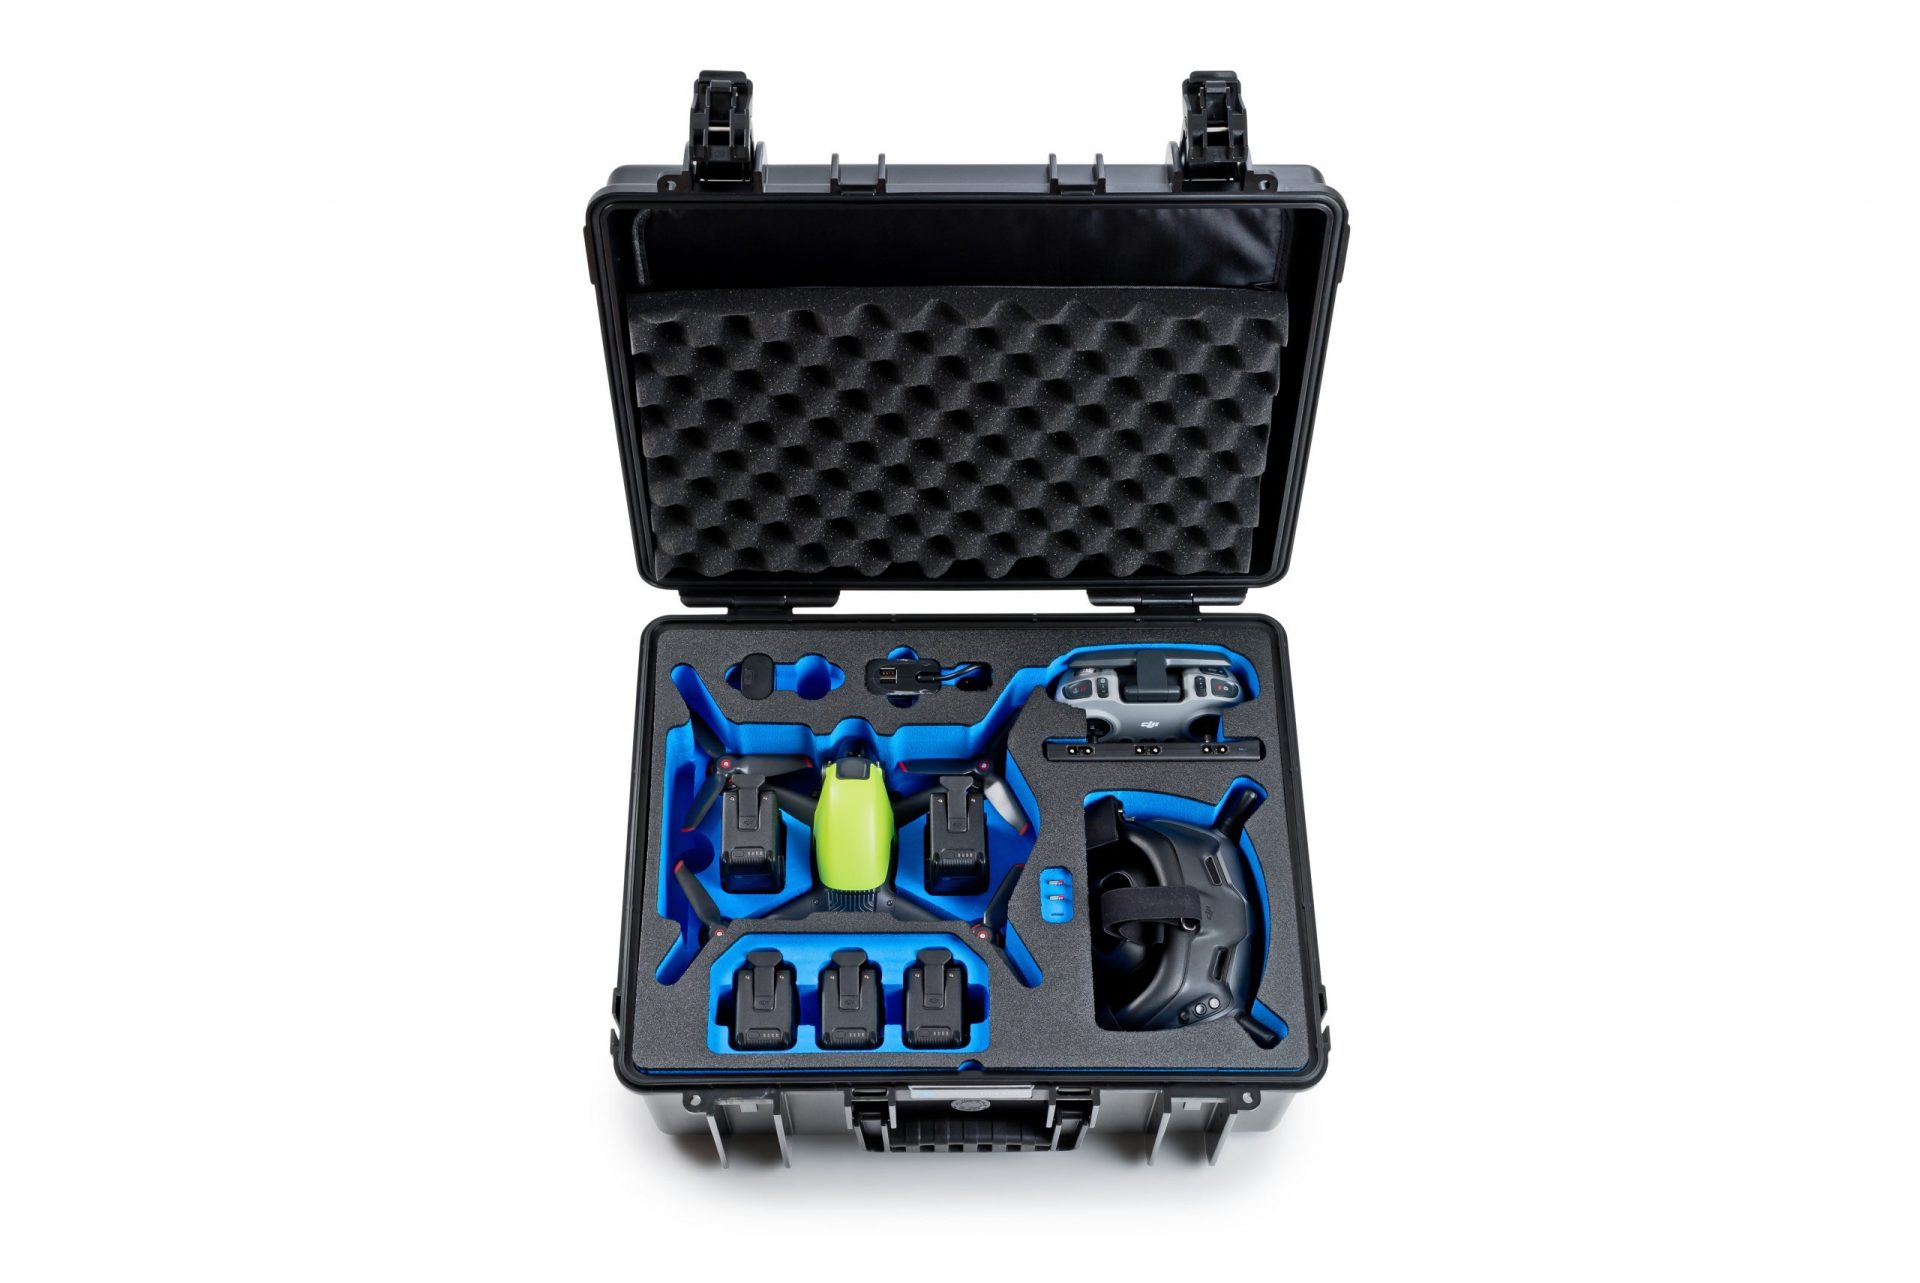 Drohnen-Spezialkoffer